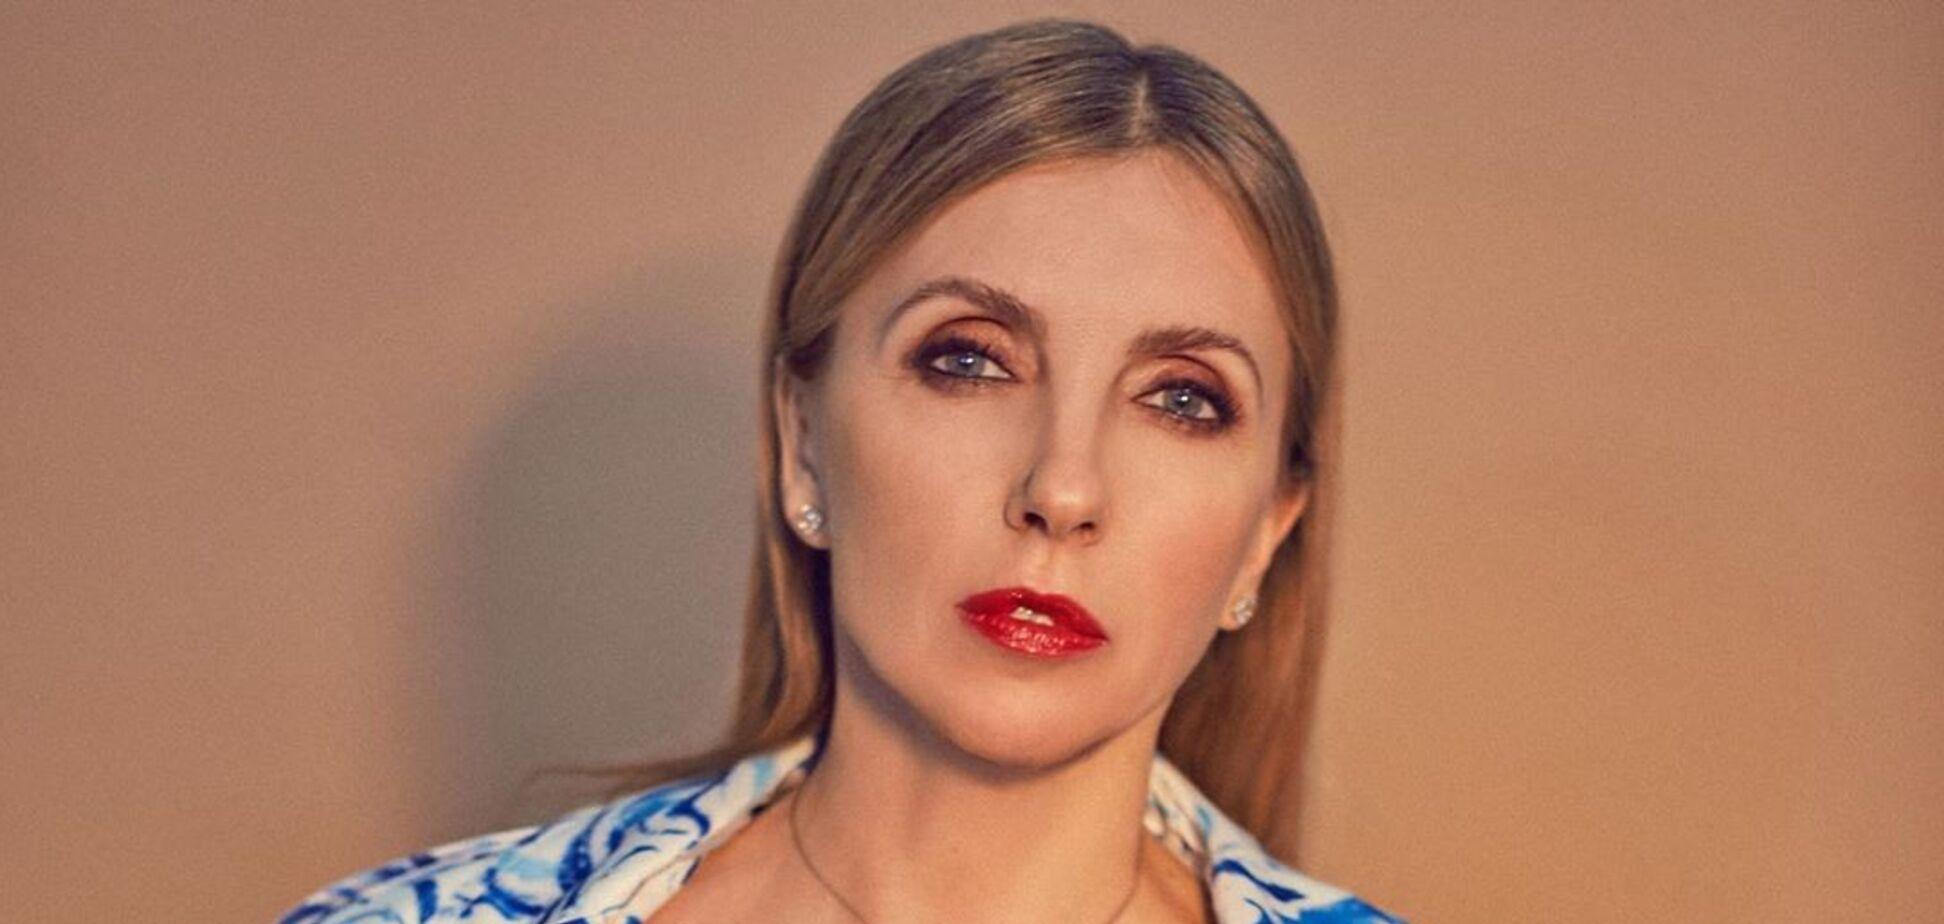 51-летняя экс-жена Бондарчука засветила сочные формы в купальнике. Фото